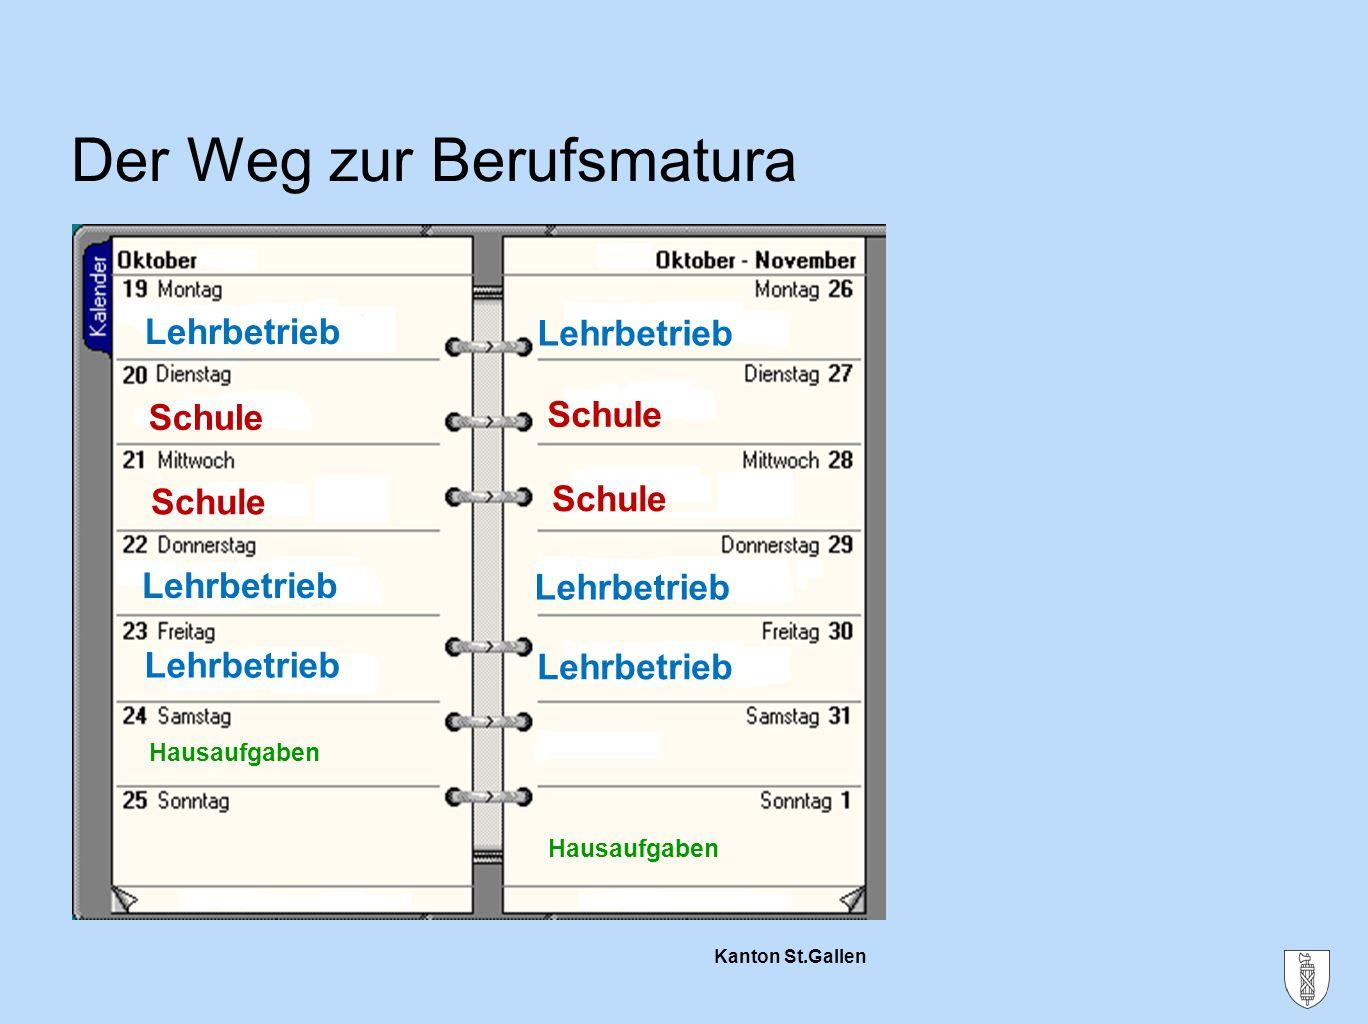 Kanton St.Gallen Der Weg zur Berufsmatura Lehrbetrieb Schule Hausaufgaben